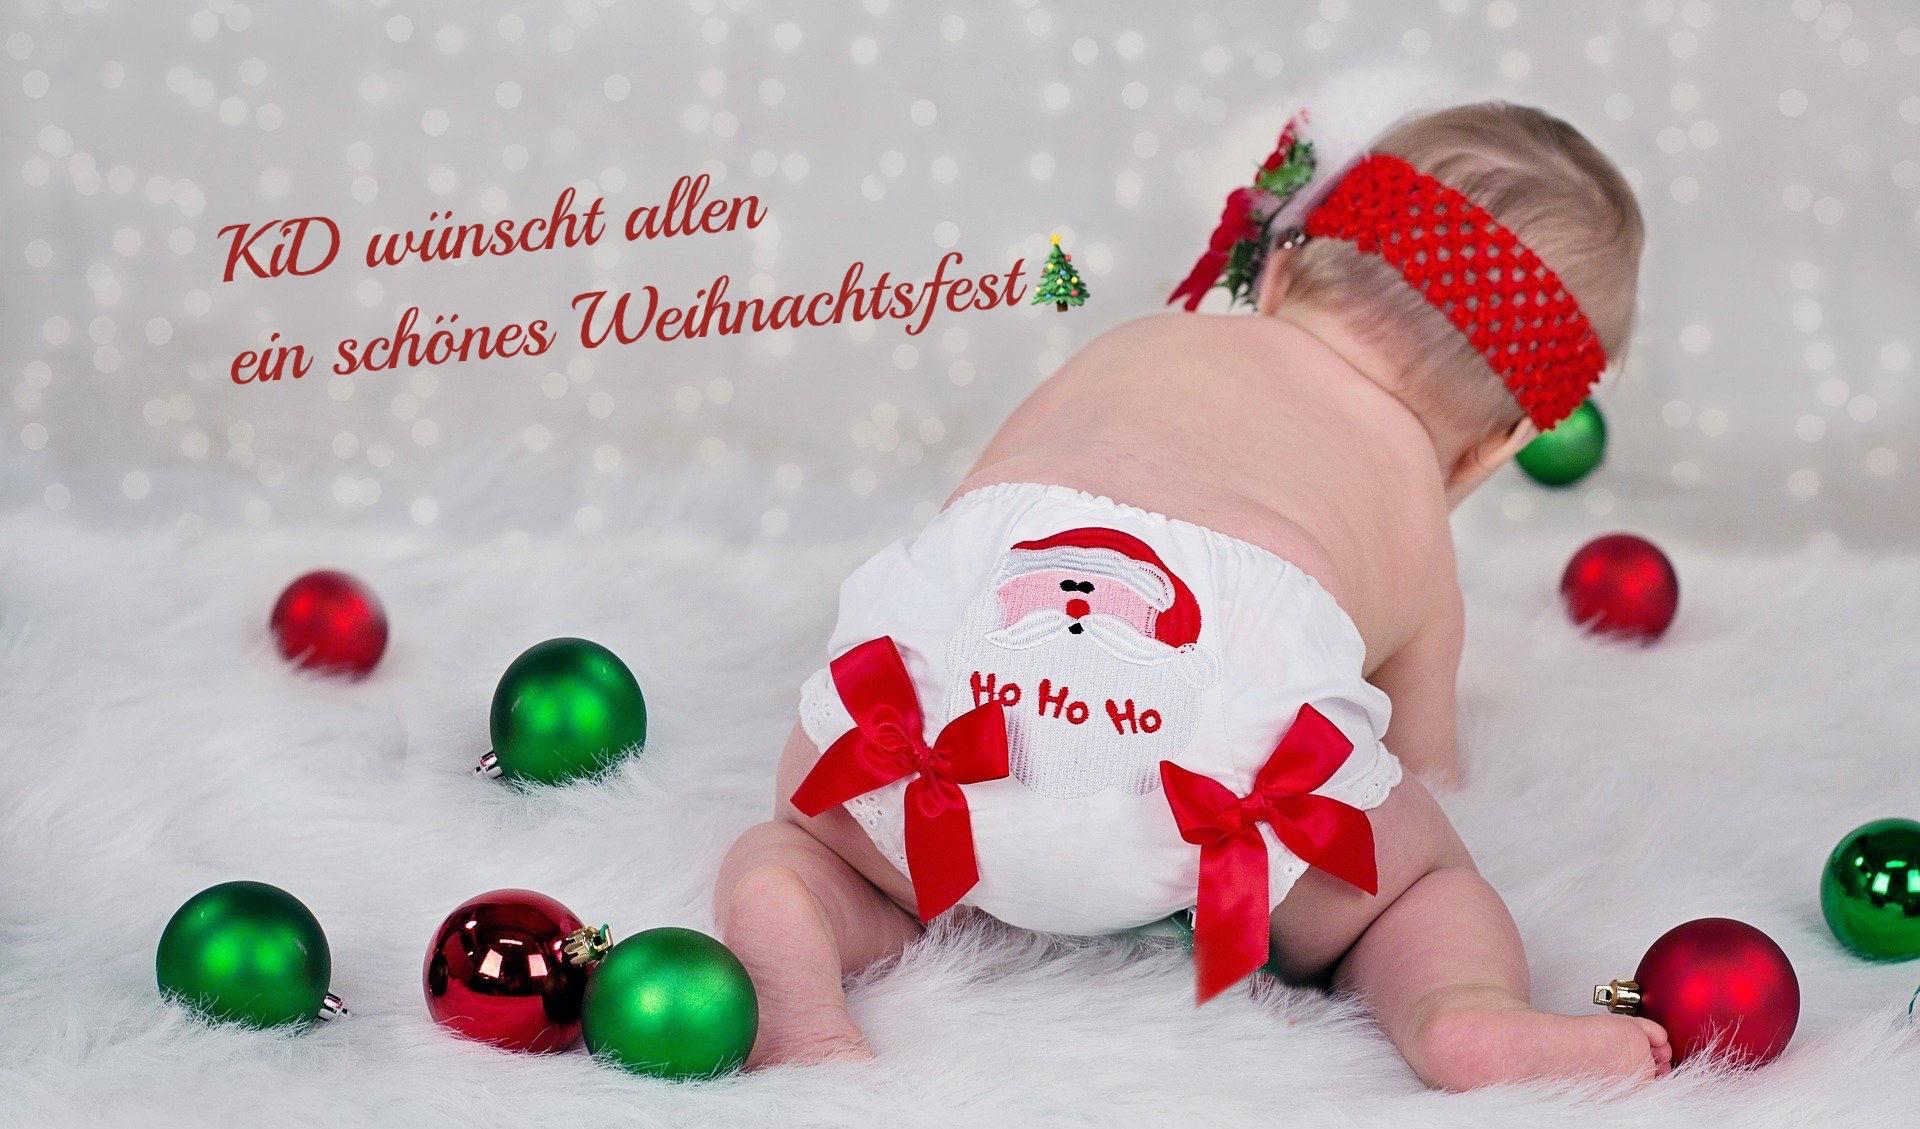 Ein schönes Weihnachtsfest...